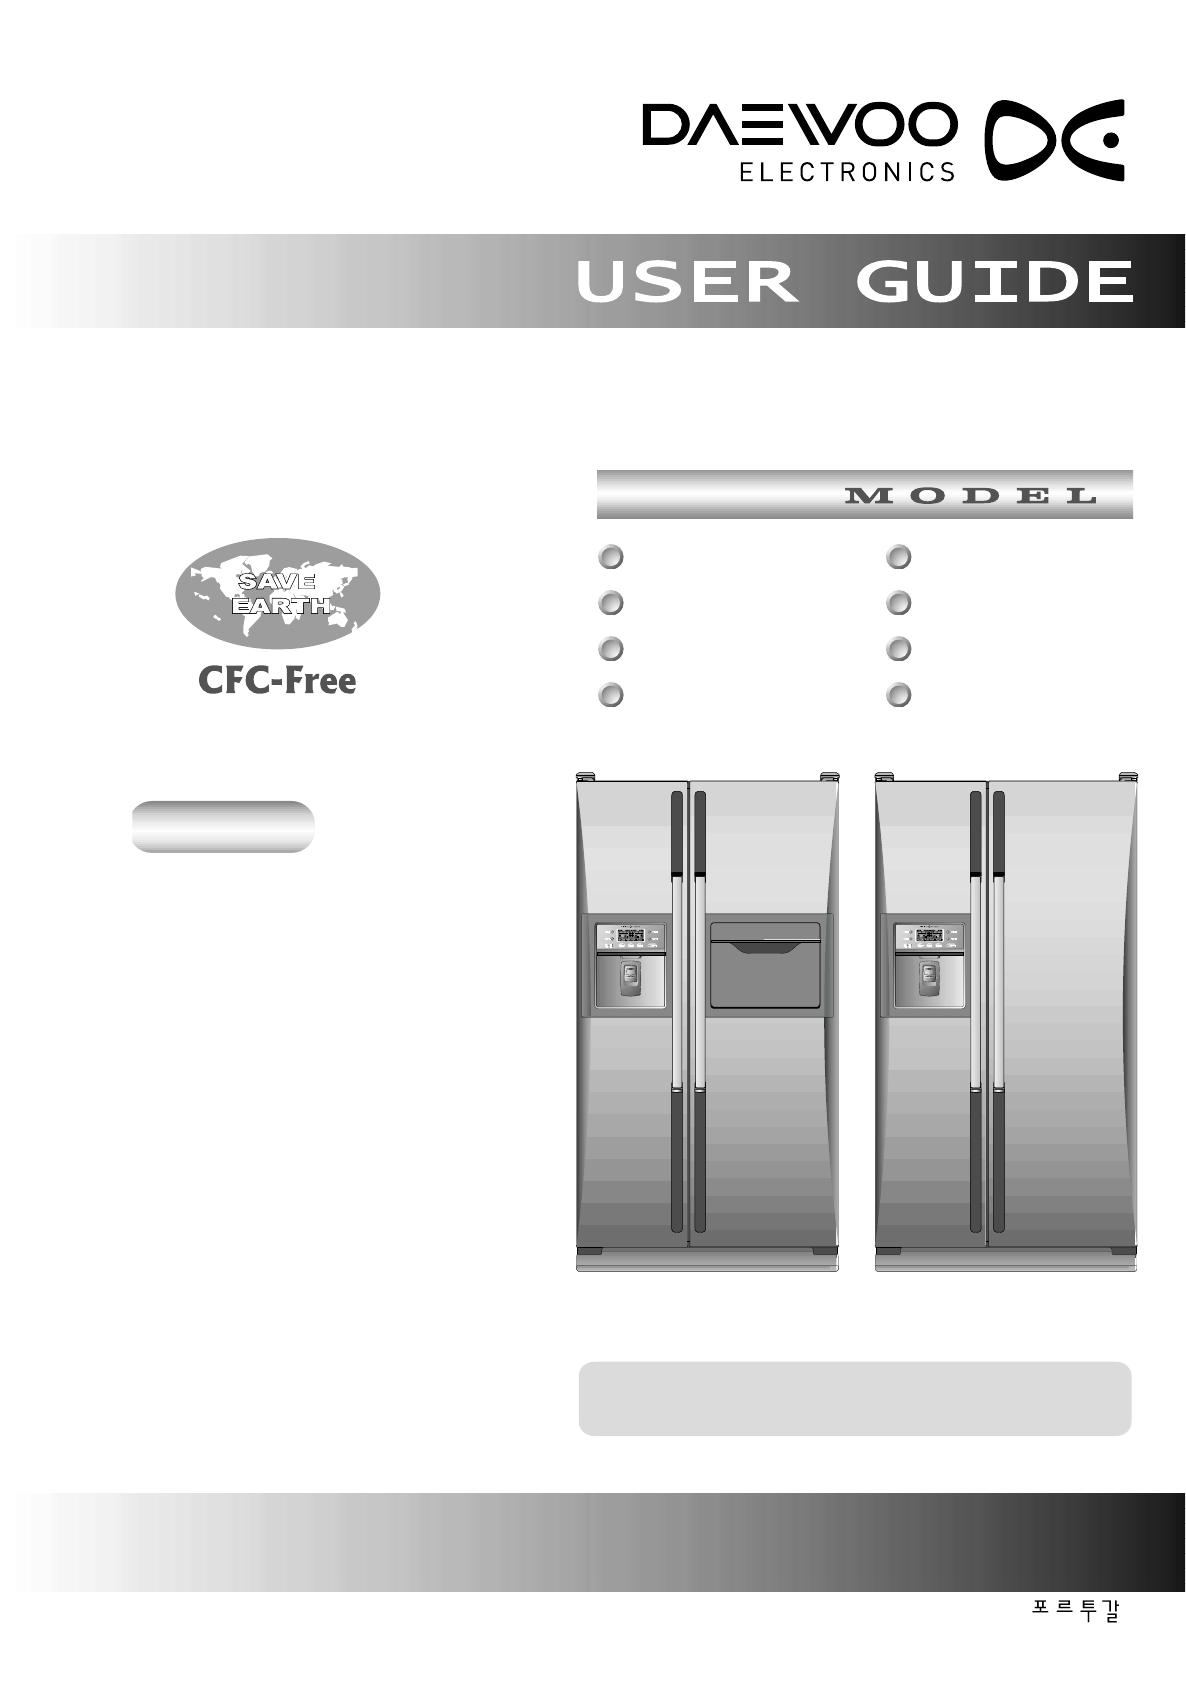 daewoo refrigerator frs 2031cal user guide. Black Bedroom Furniture Sets. Home Design Ideas